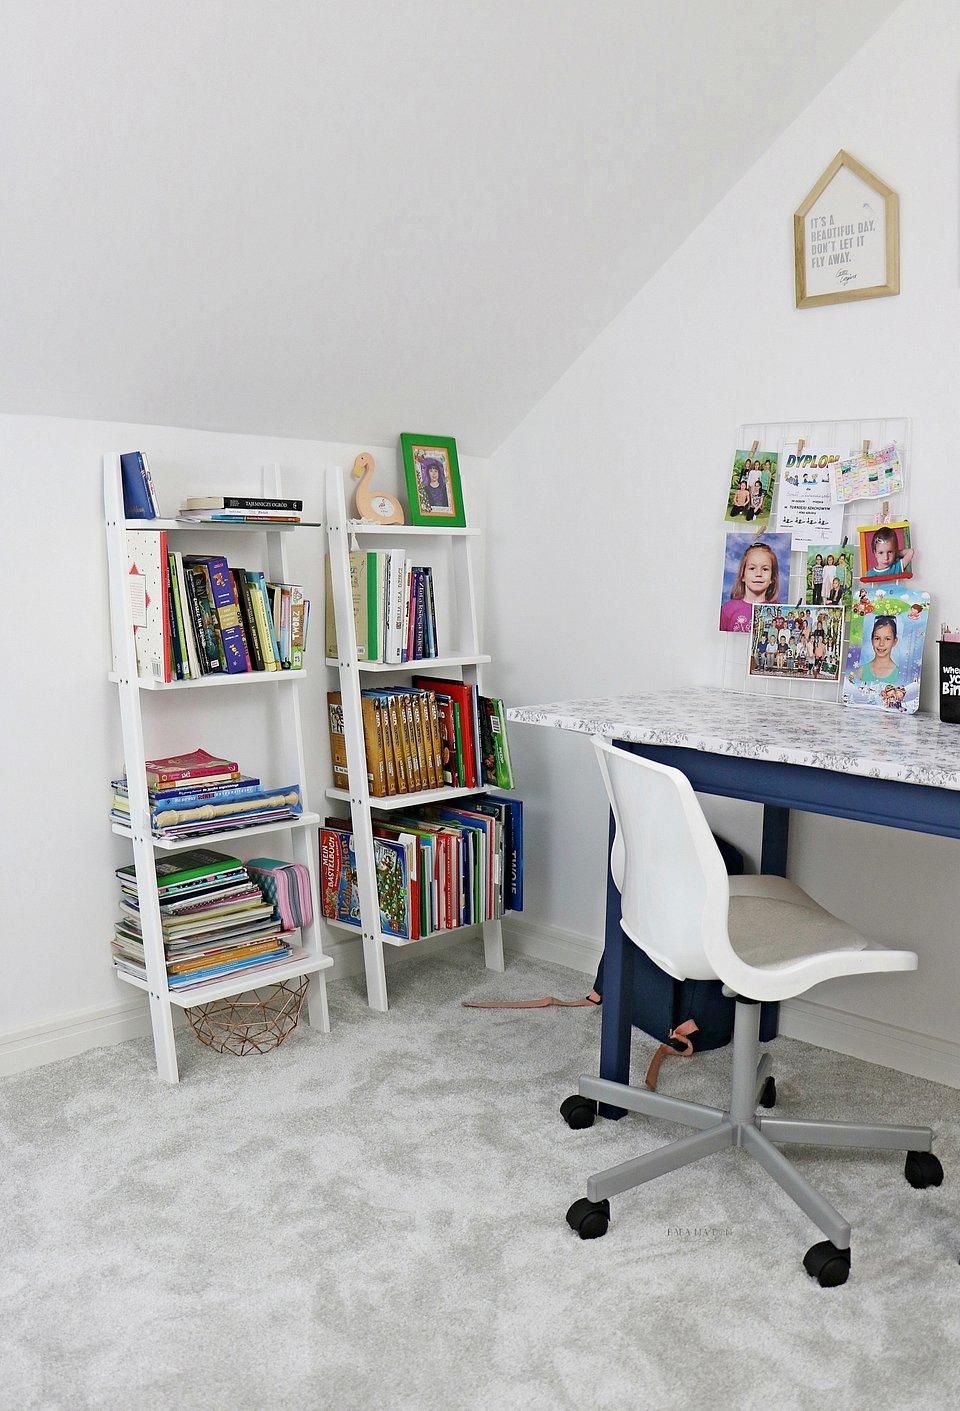 Wykładzina dywanowa DISCRETION, kolor szary, kod produktu: 100106639. Zdj. blog BABA MA DOM.